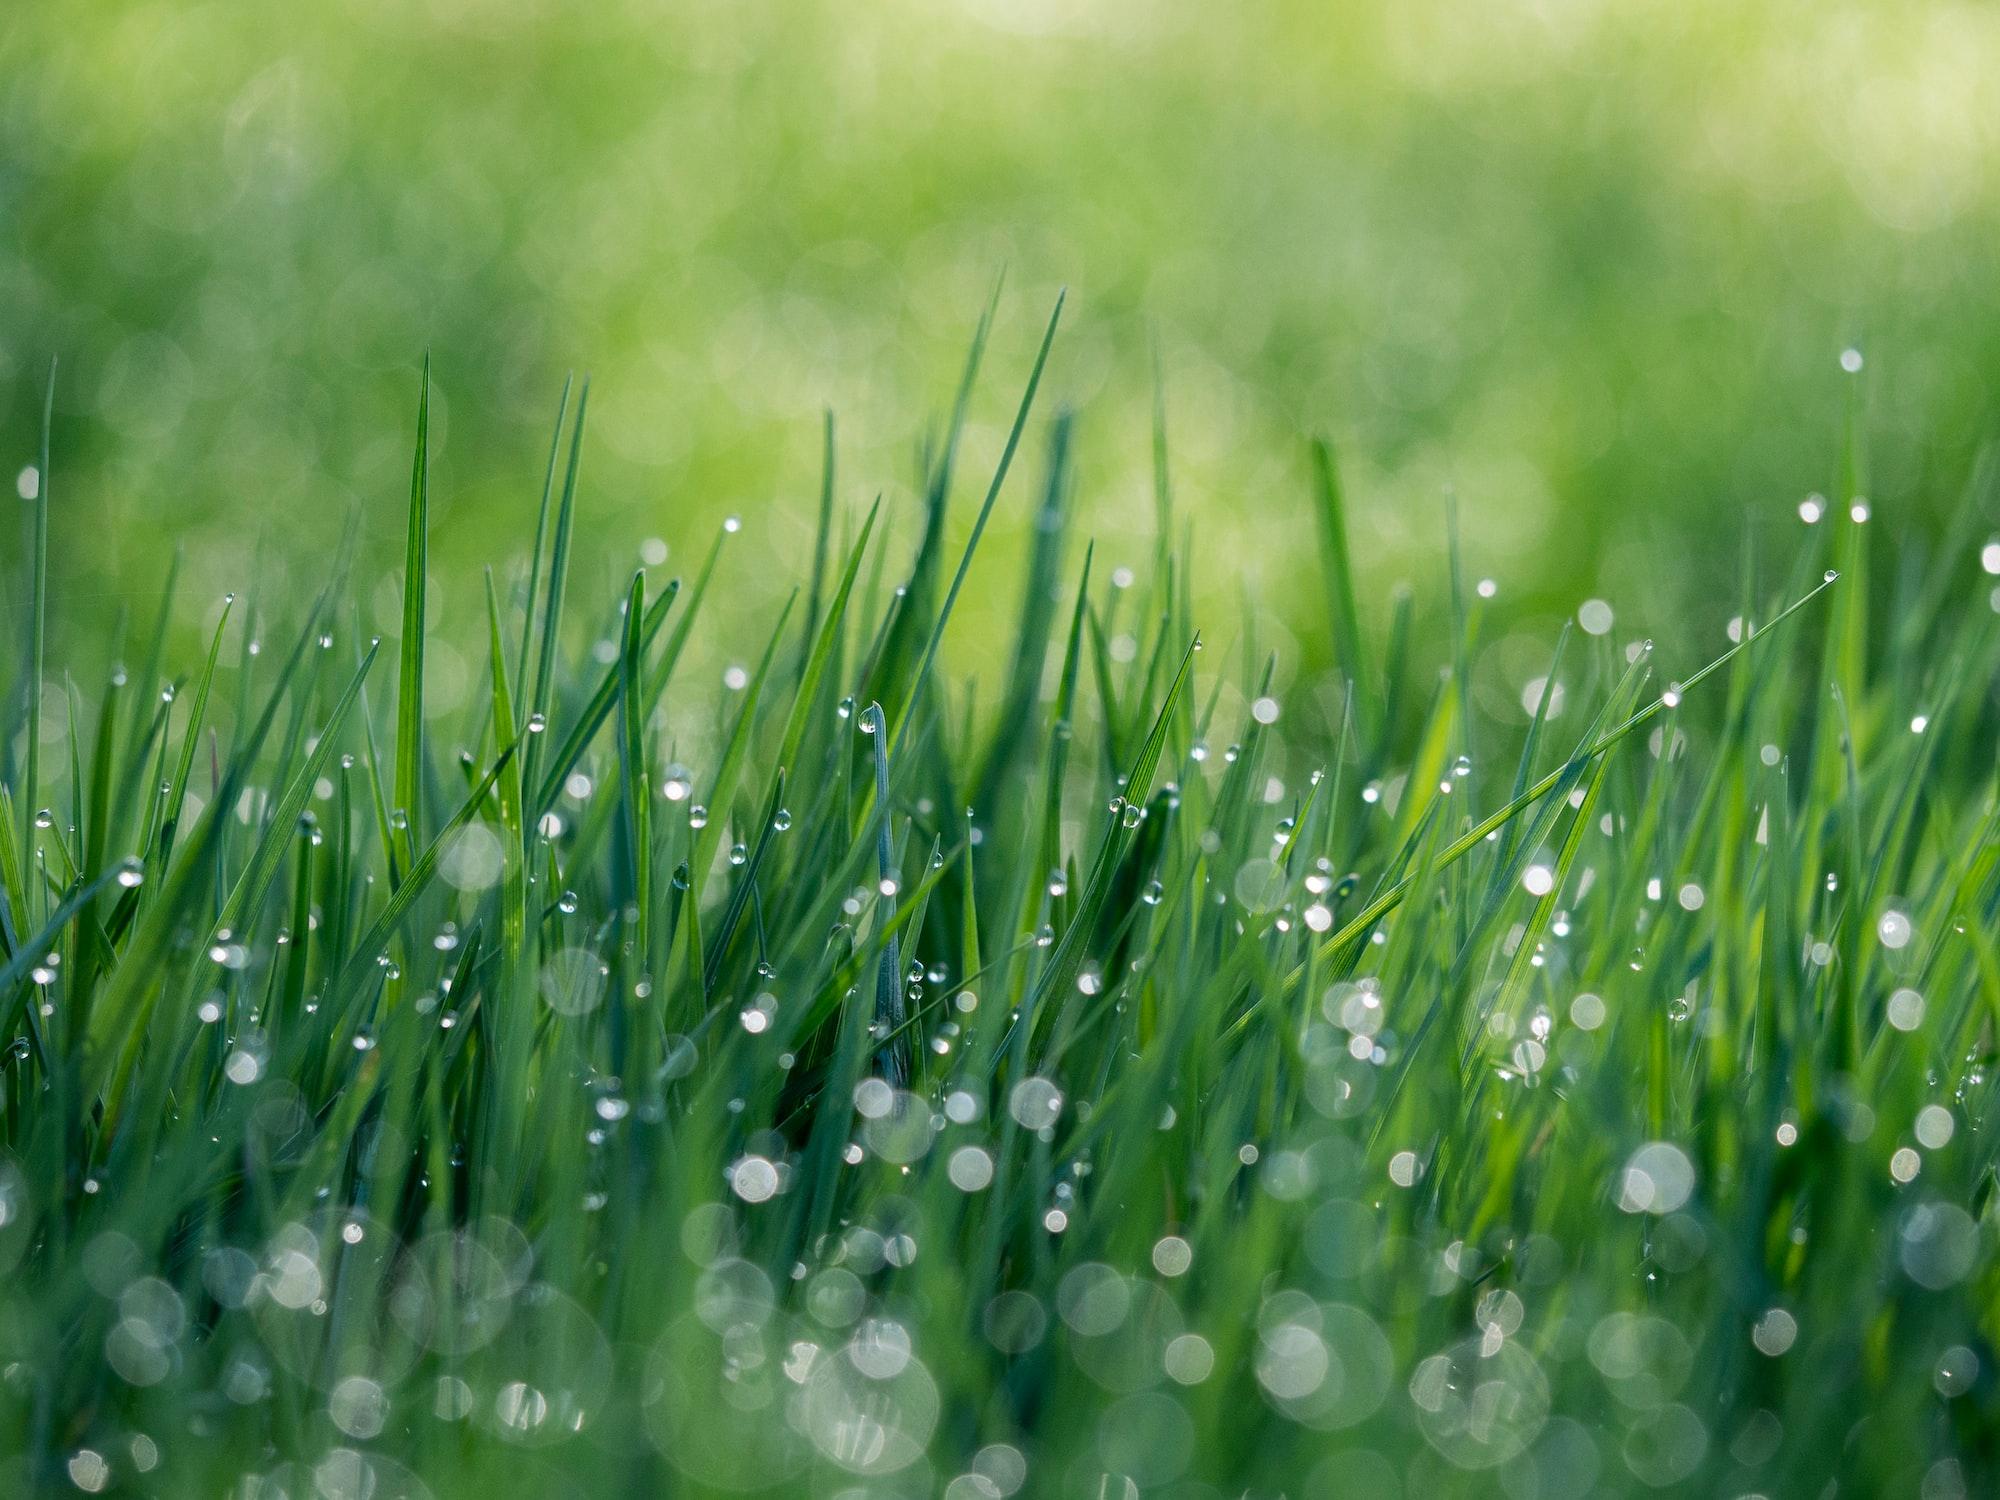 草刈とウイルス感染症